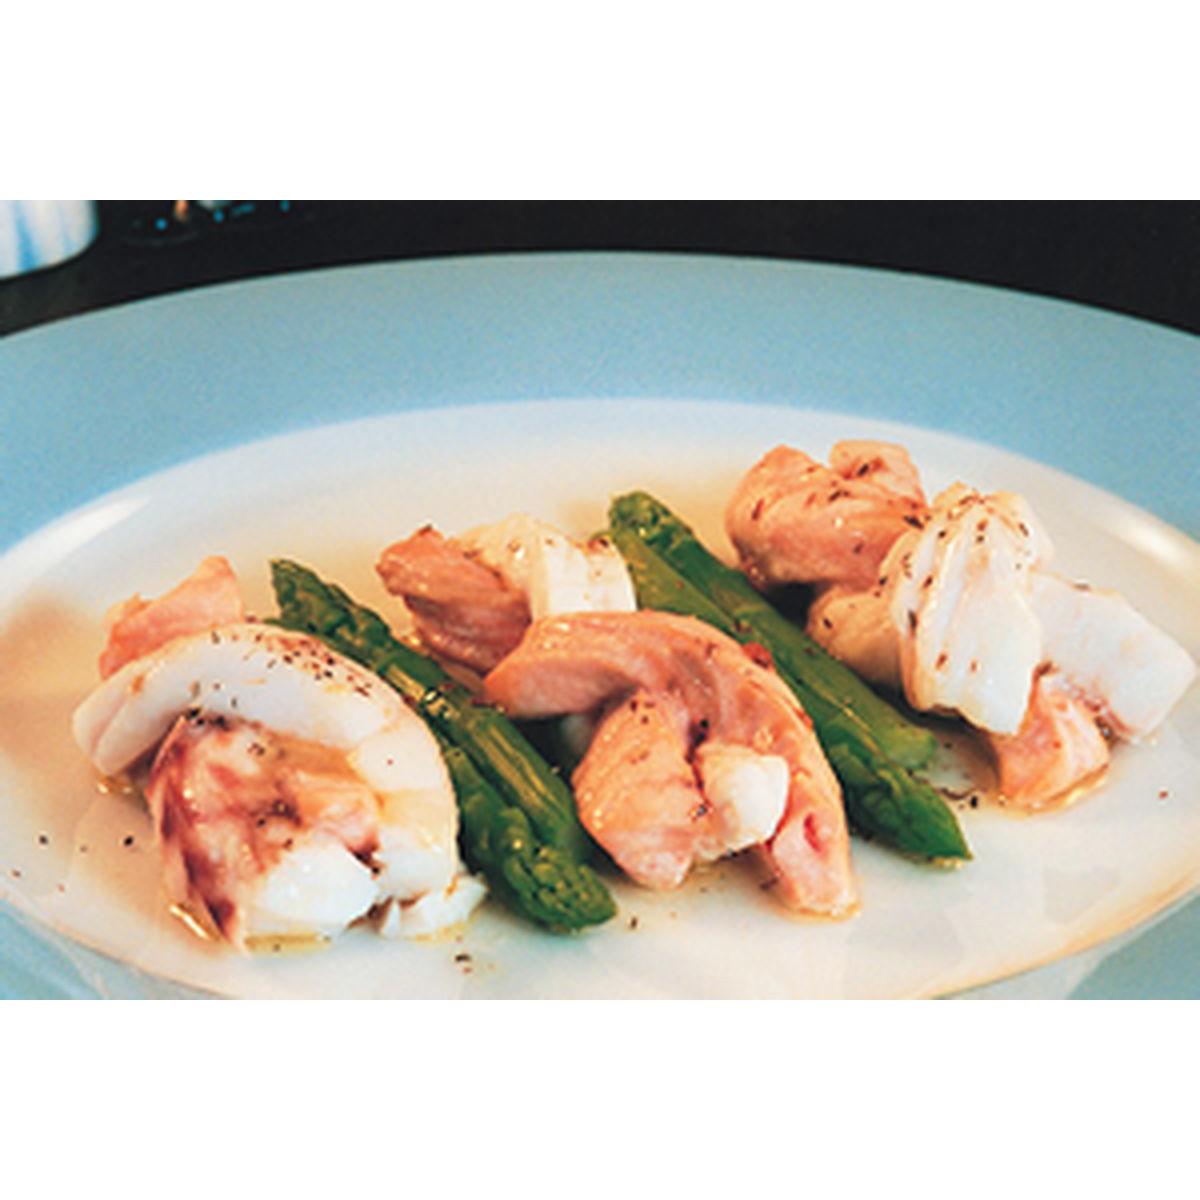 食譜:馬郁蘭鮭魚捲